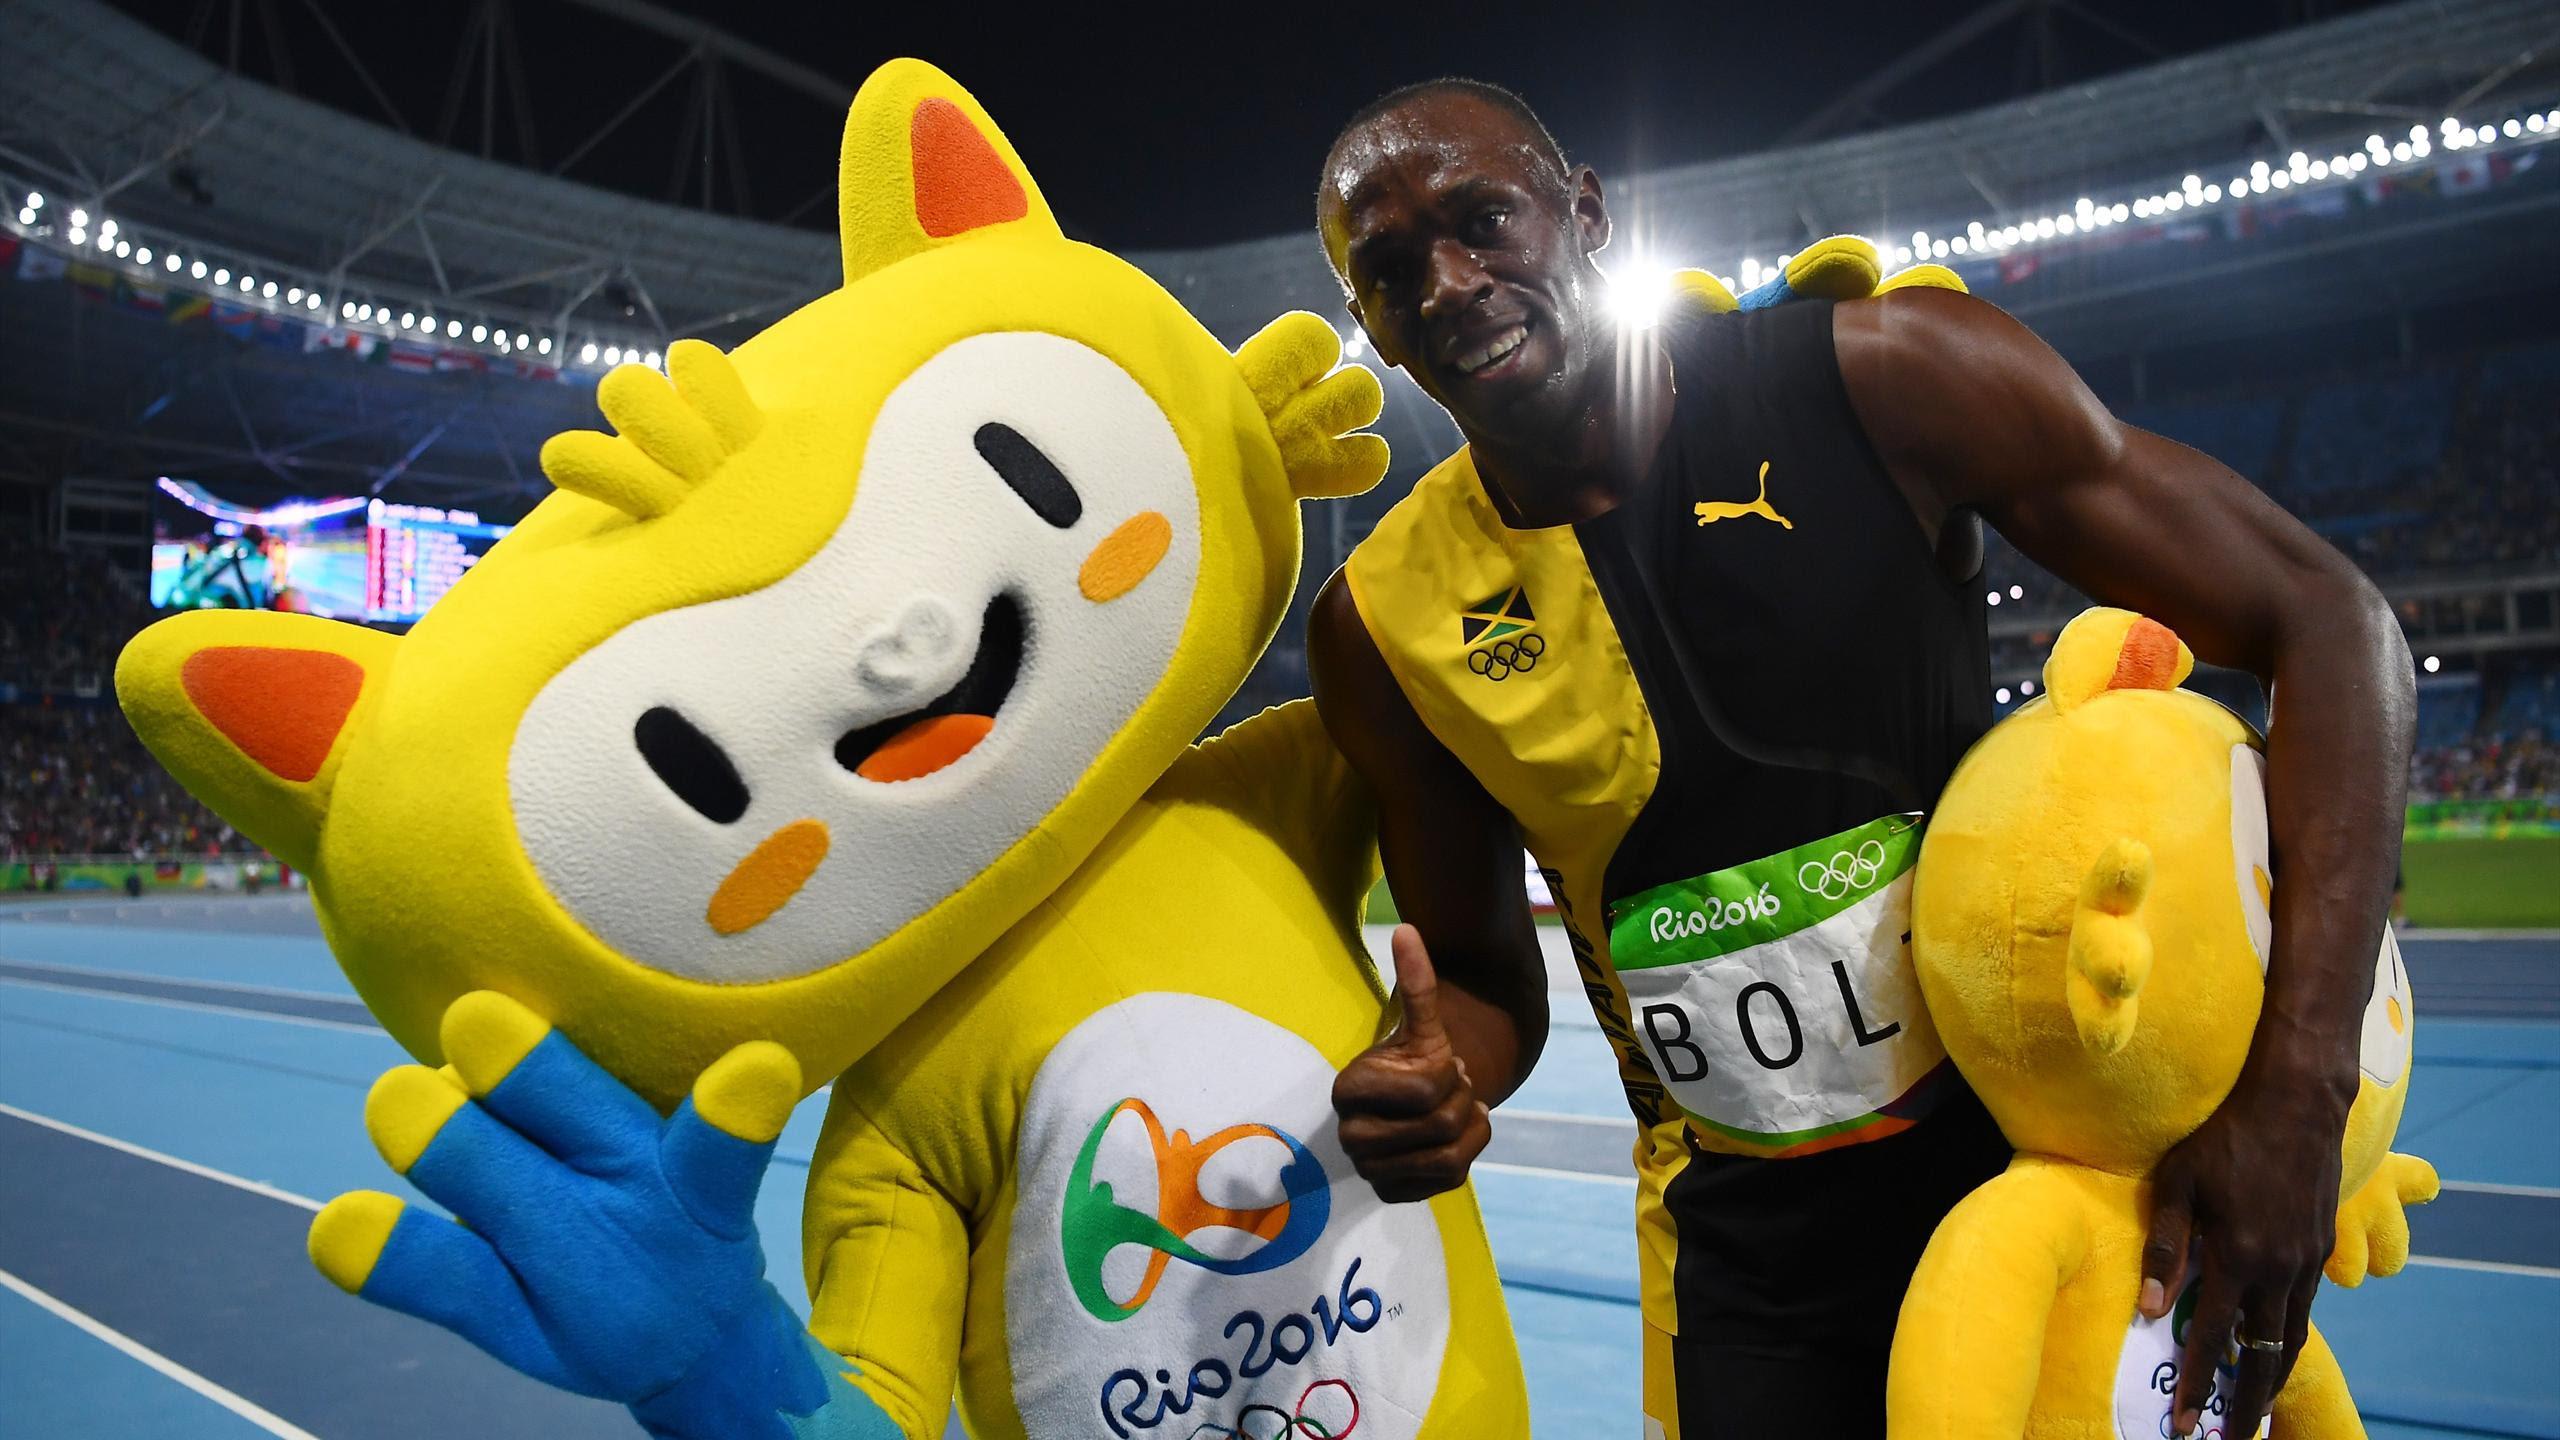 est100 一些攝影(some photos): Usain Bolt, Rio 2016. 博爾特/ 波特